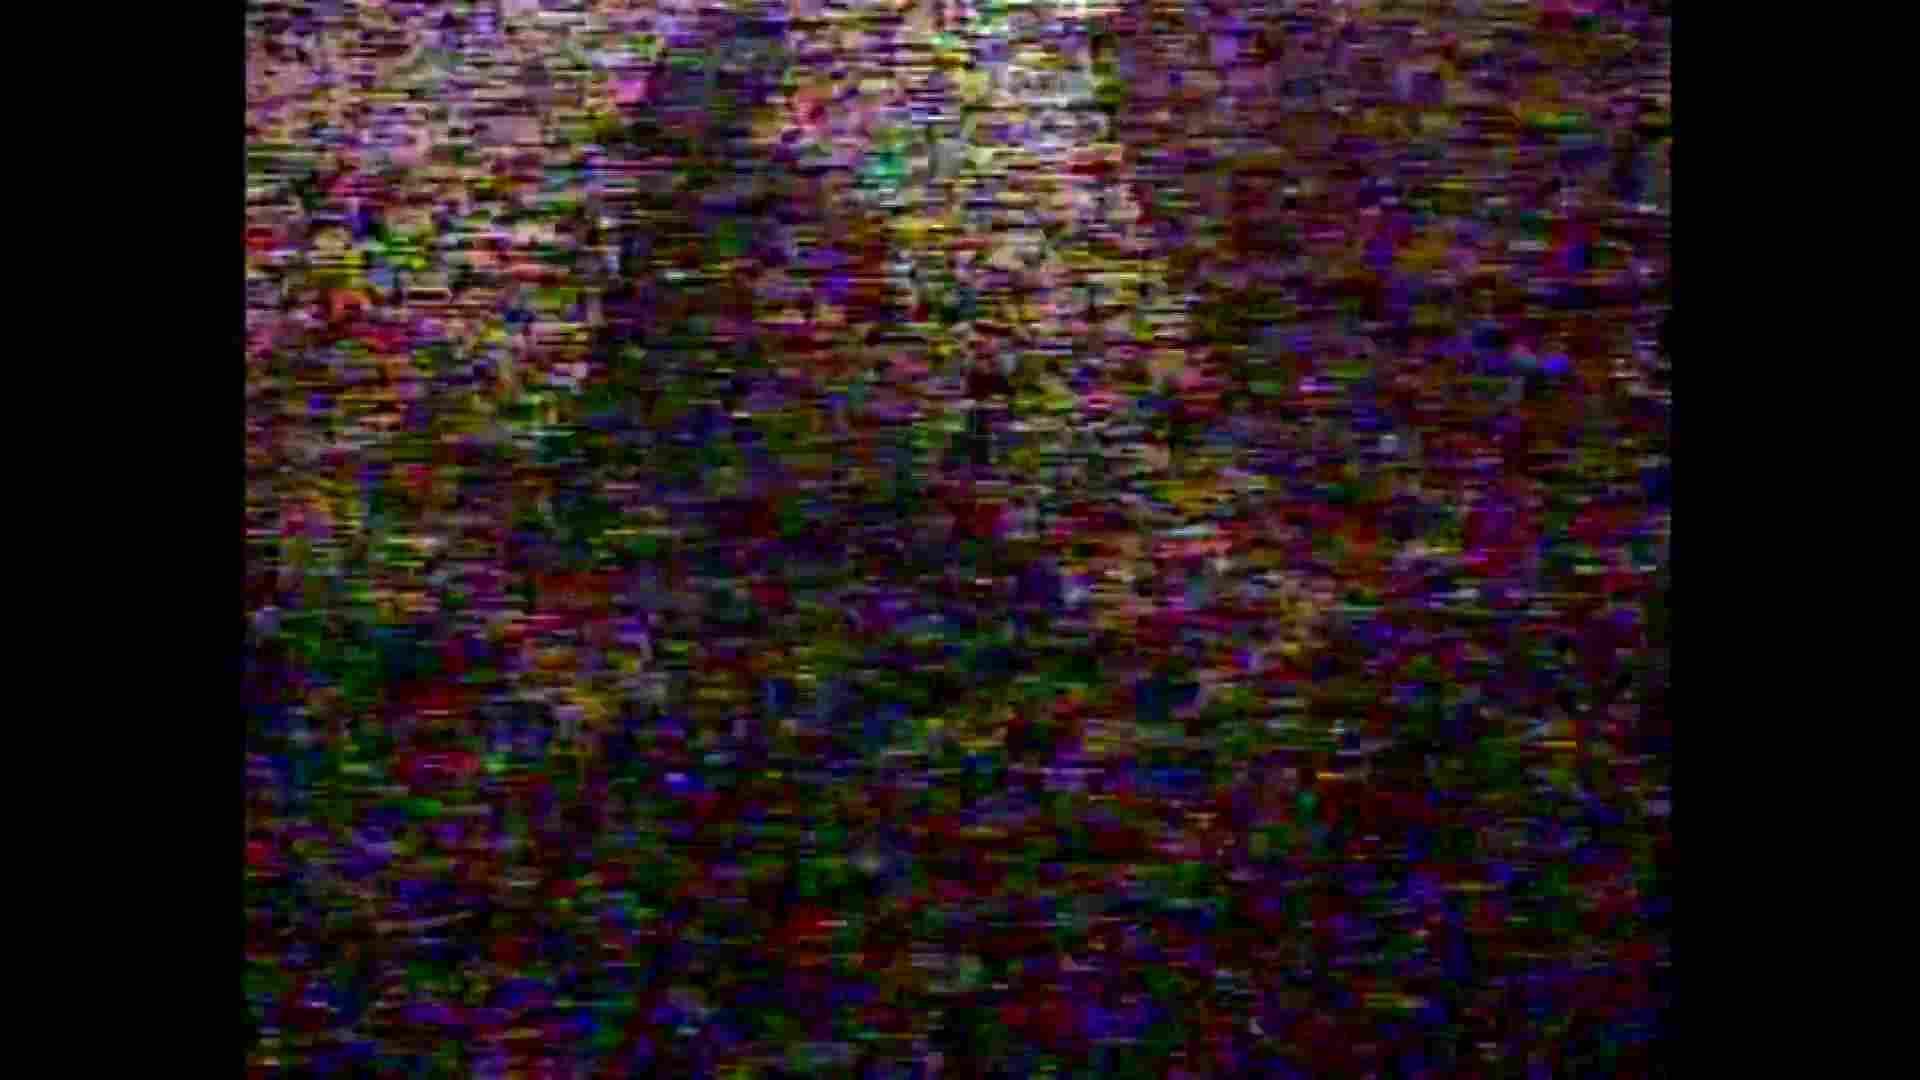 レース場での秘め事 Vol.05 Hなレースクイーン 濡れ場動画紹介 80pic 59